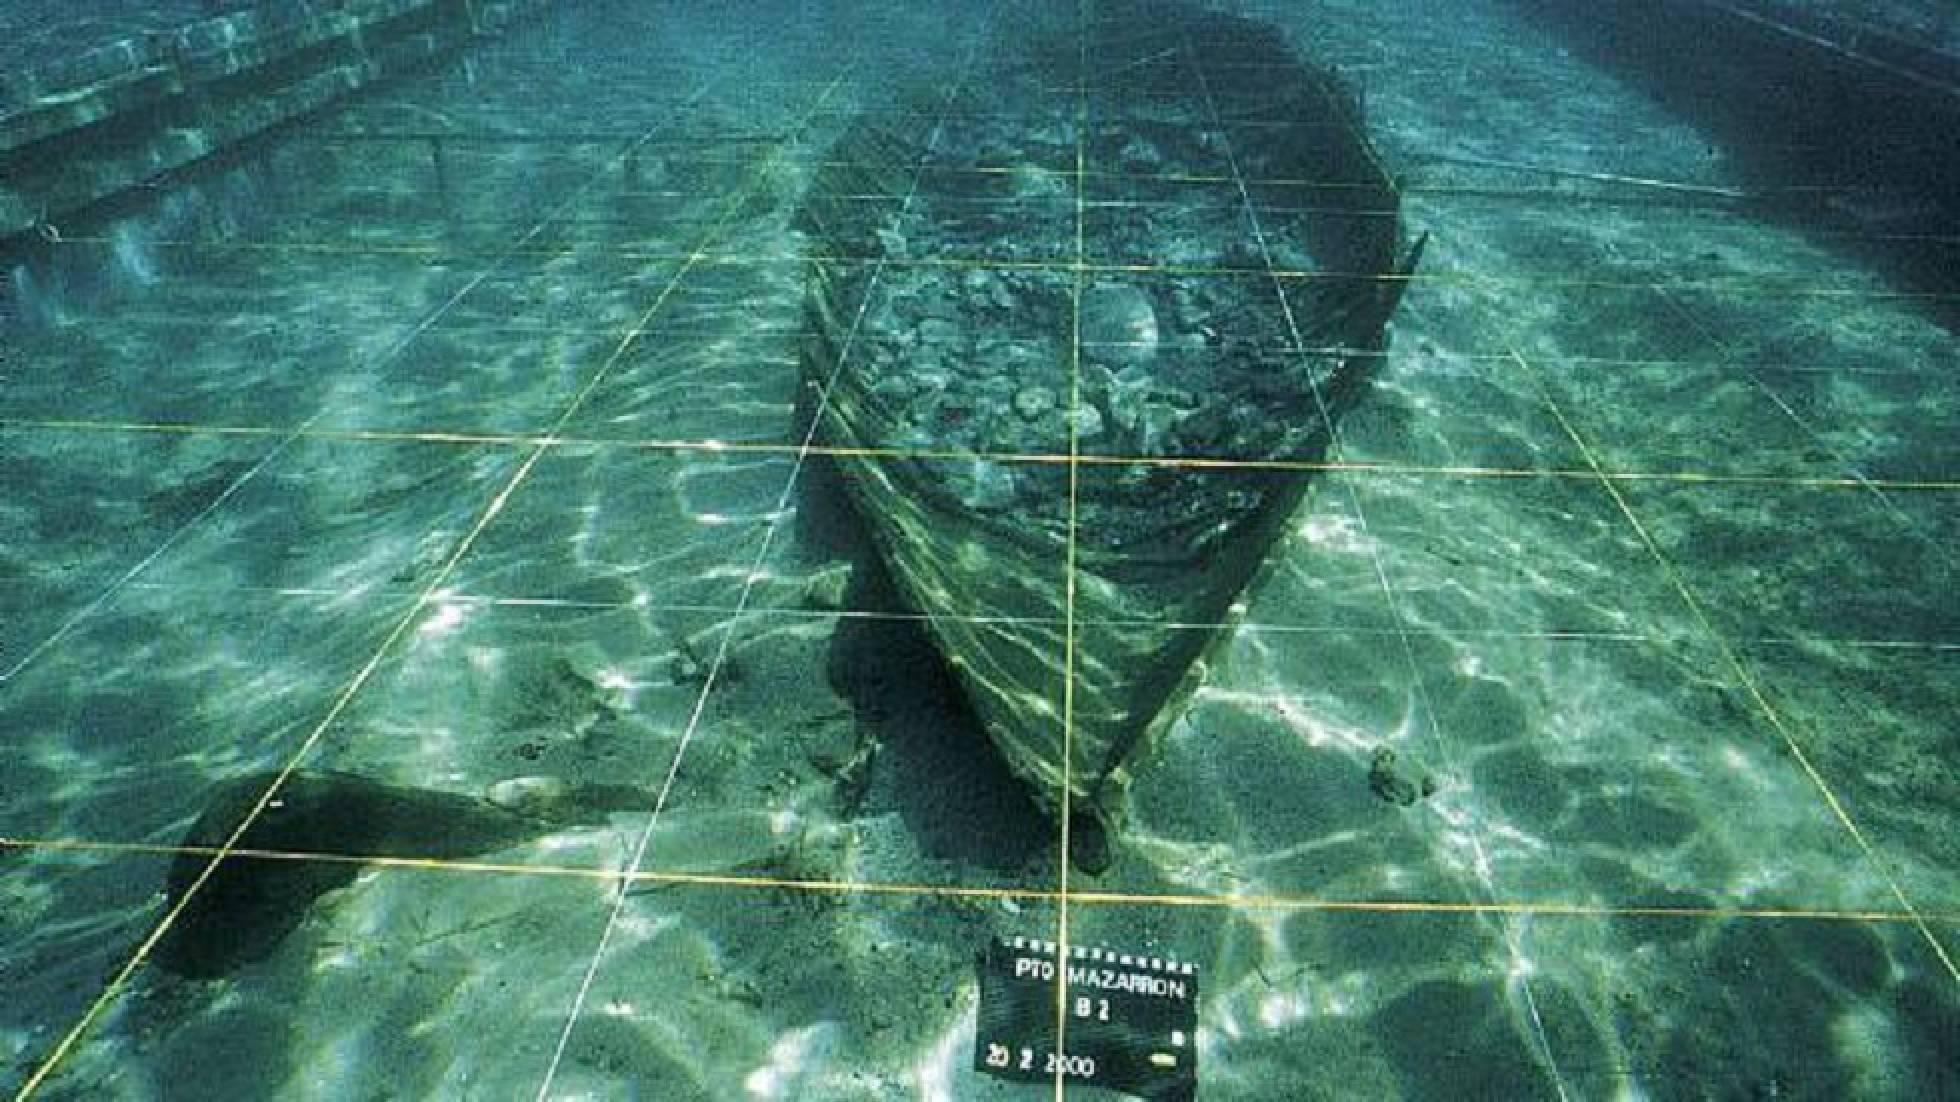 Los arqueólogos preparan el rescate de una barca fenicia hundida en Murcia 1565961547_361648_1566212686_noticia_normal_recorte1